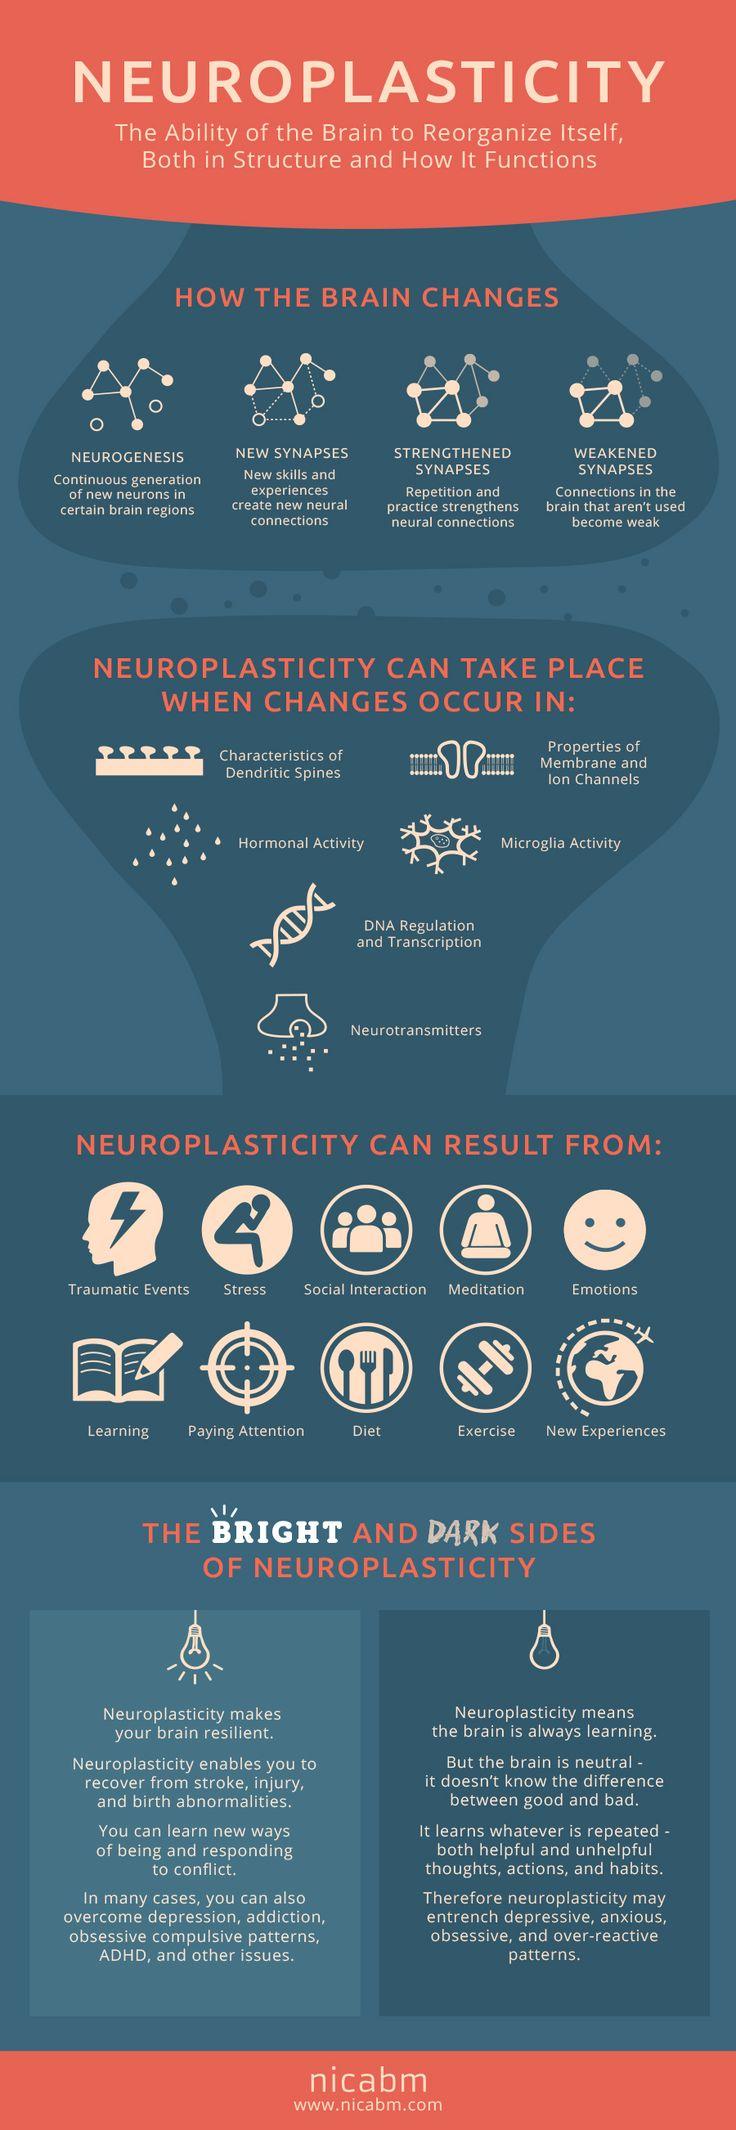 ¿Cómo funciona la neuroplasticidad?  [Infografía]